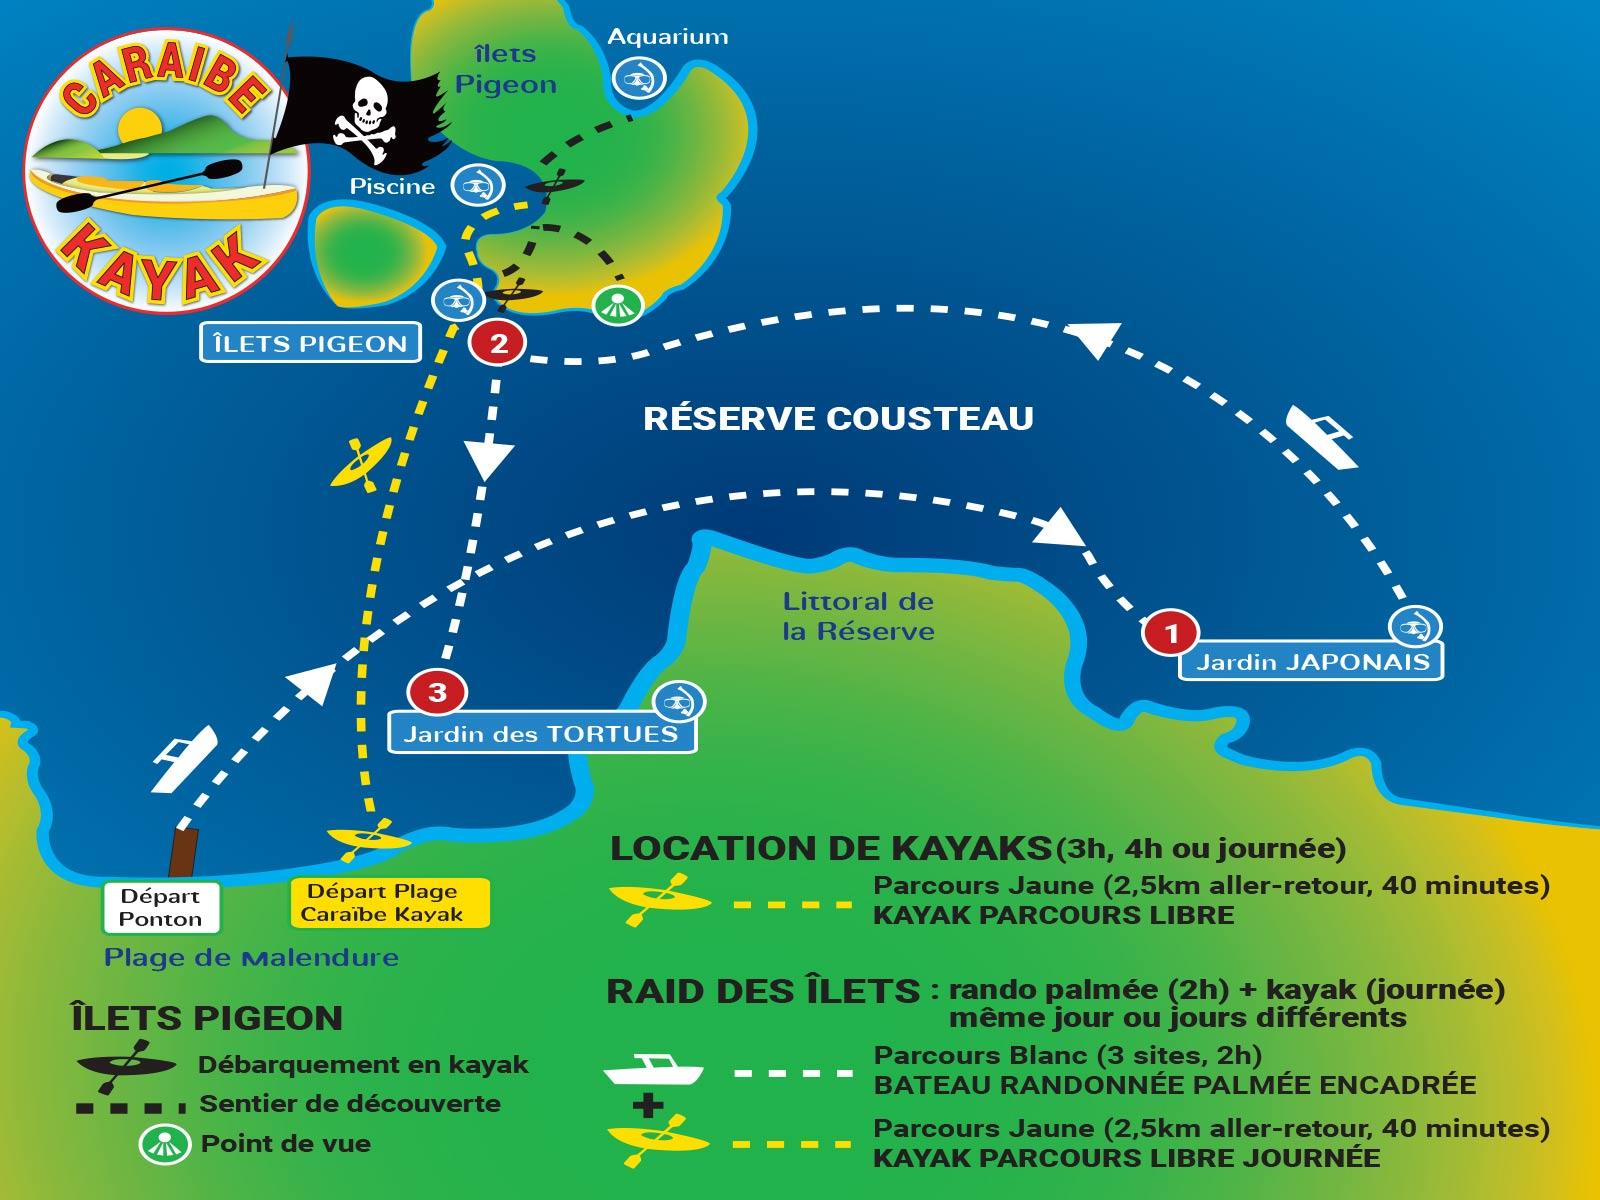 Caraïbe Kayak - Parcours Raid des Ilets